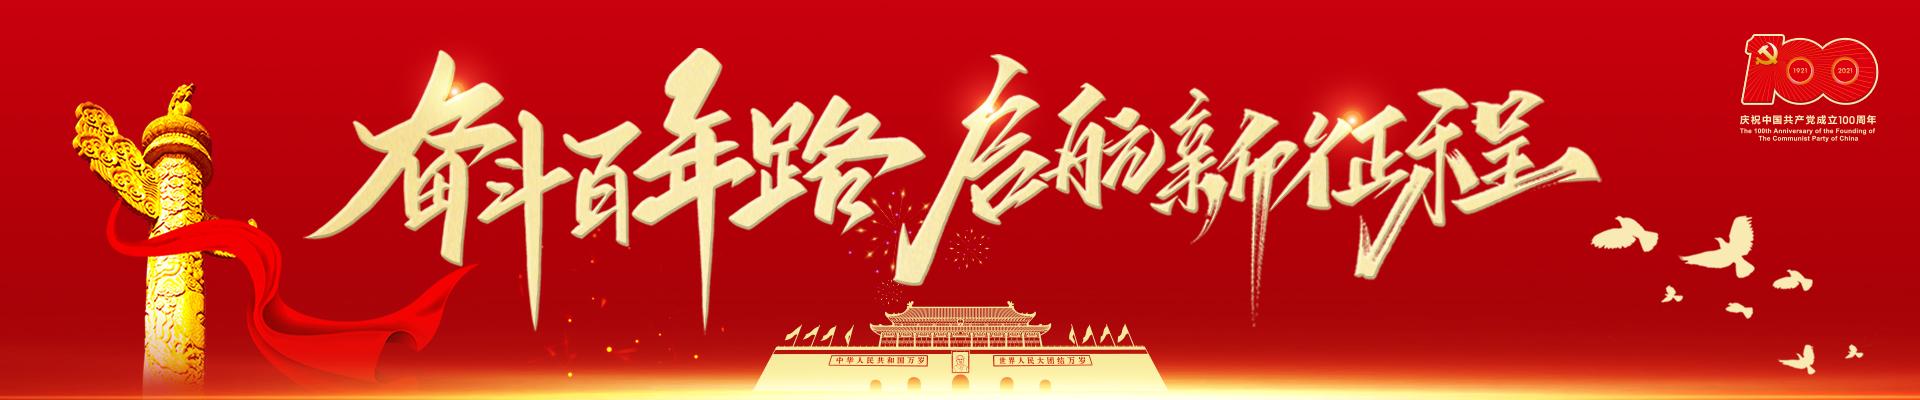 熱烈慶祝(zhu)中(zhong)國共產黨成立100周(zhou)年(nian)